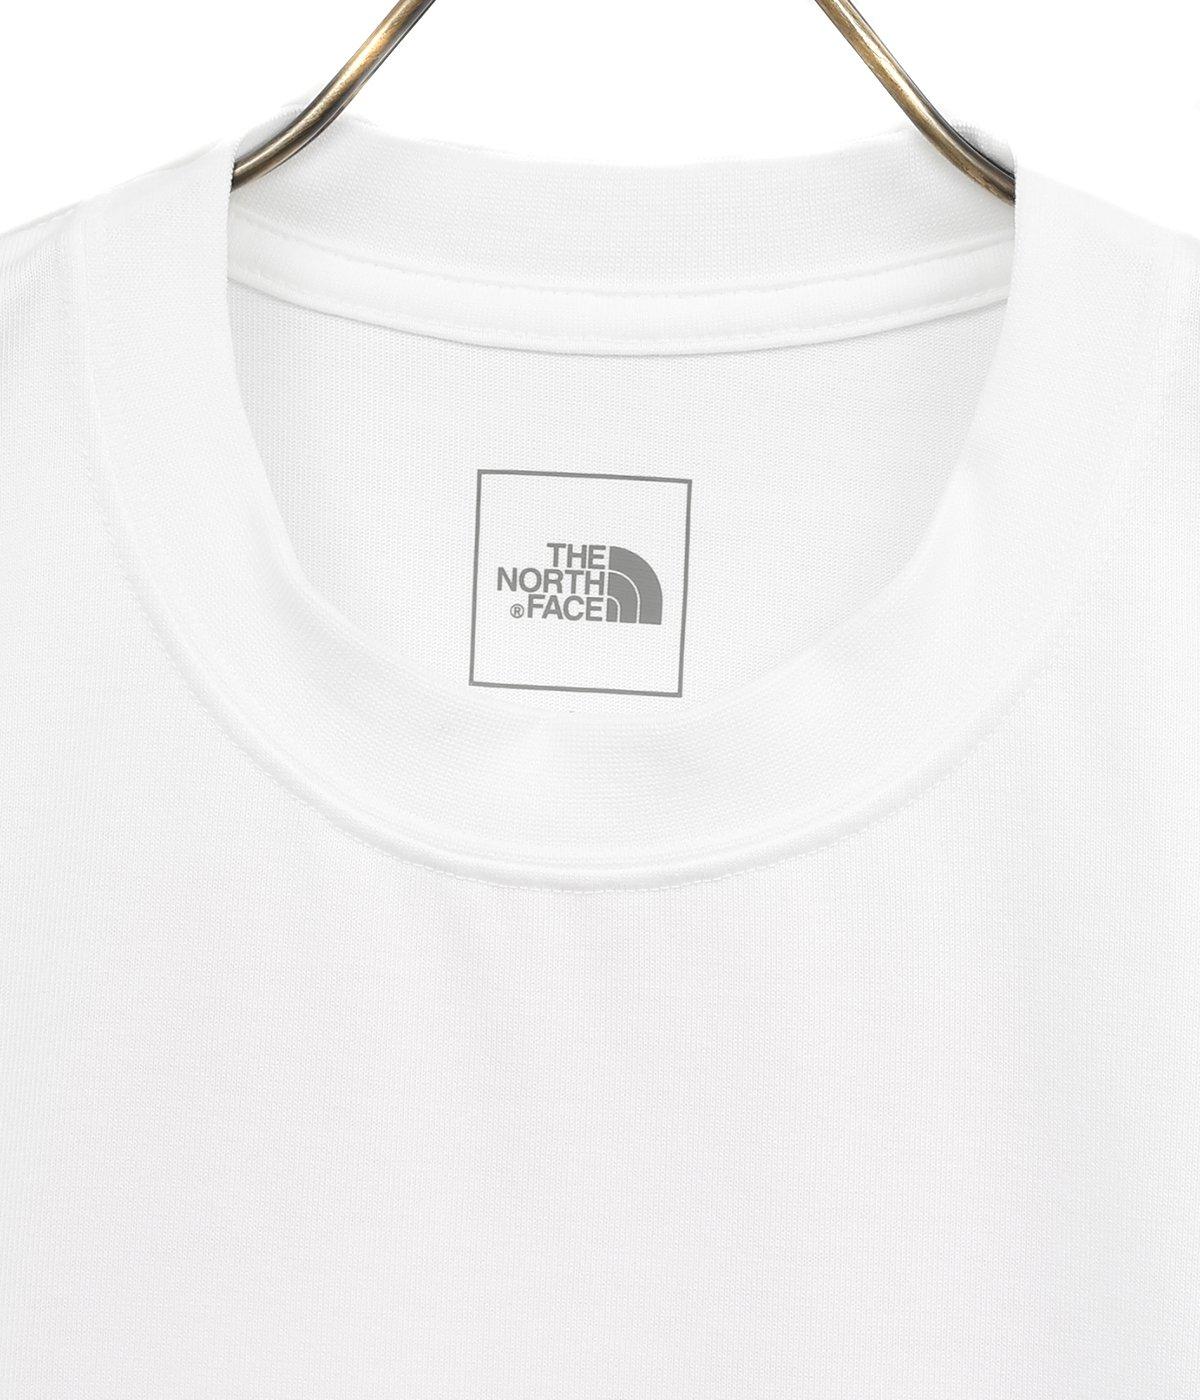 S/S Bandana Square Logo Tee